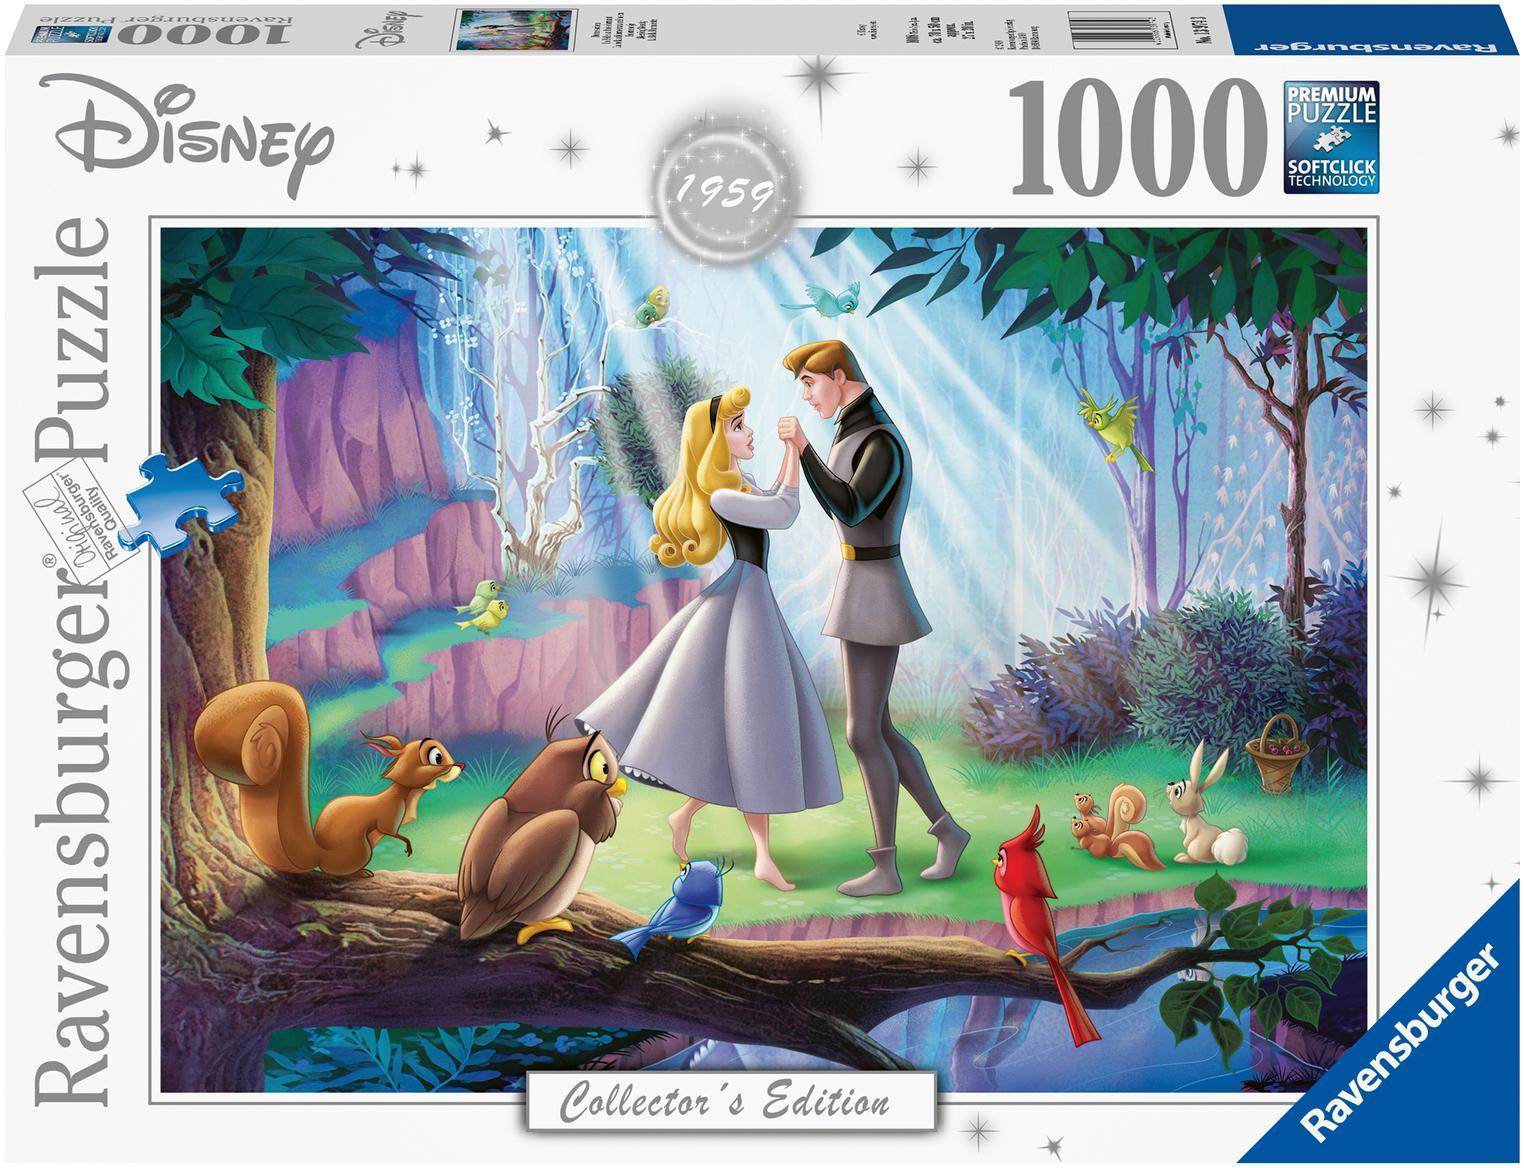 Ravensburger Puzzle Collector S Edition Disney 1959 Dornröschen 1000 Teile Kaufen Baur